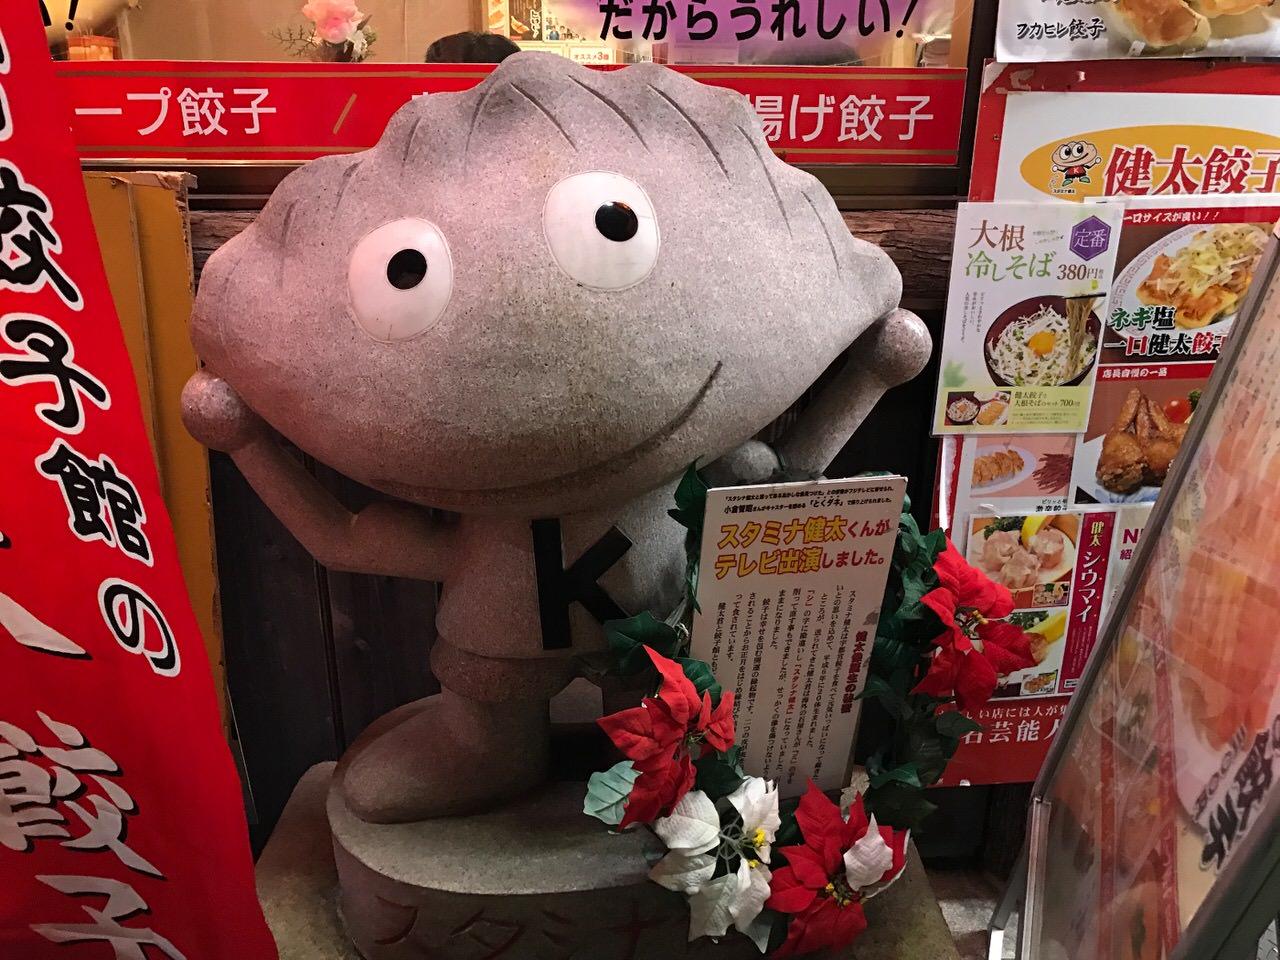 Utsunomiya kenta 3879